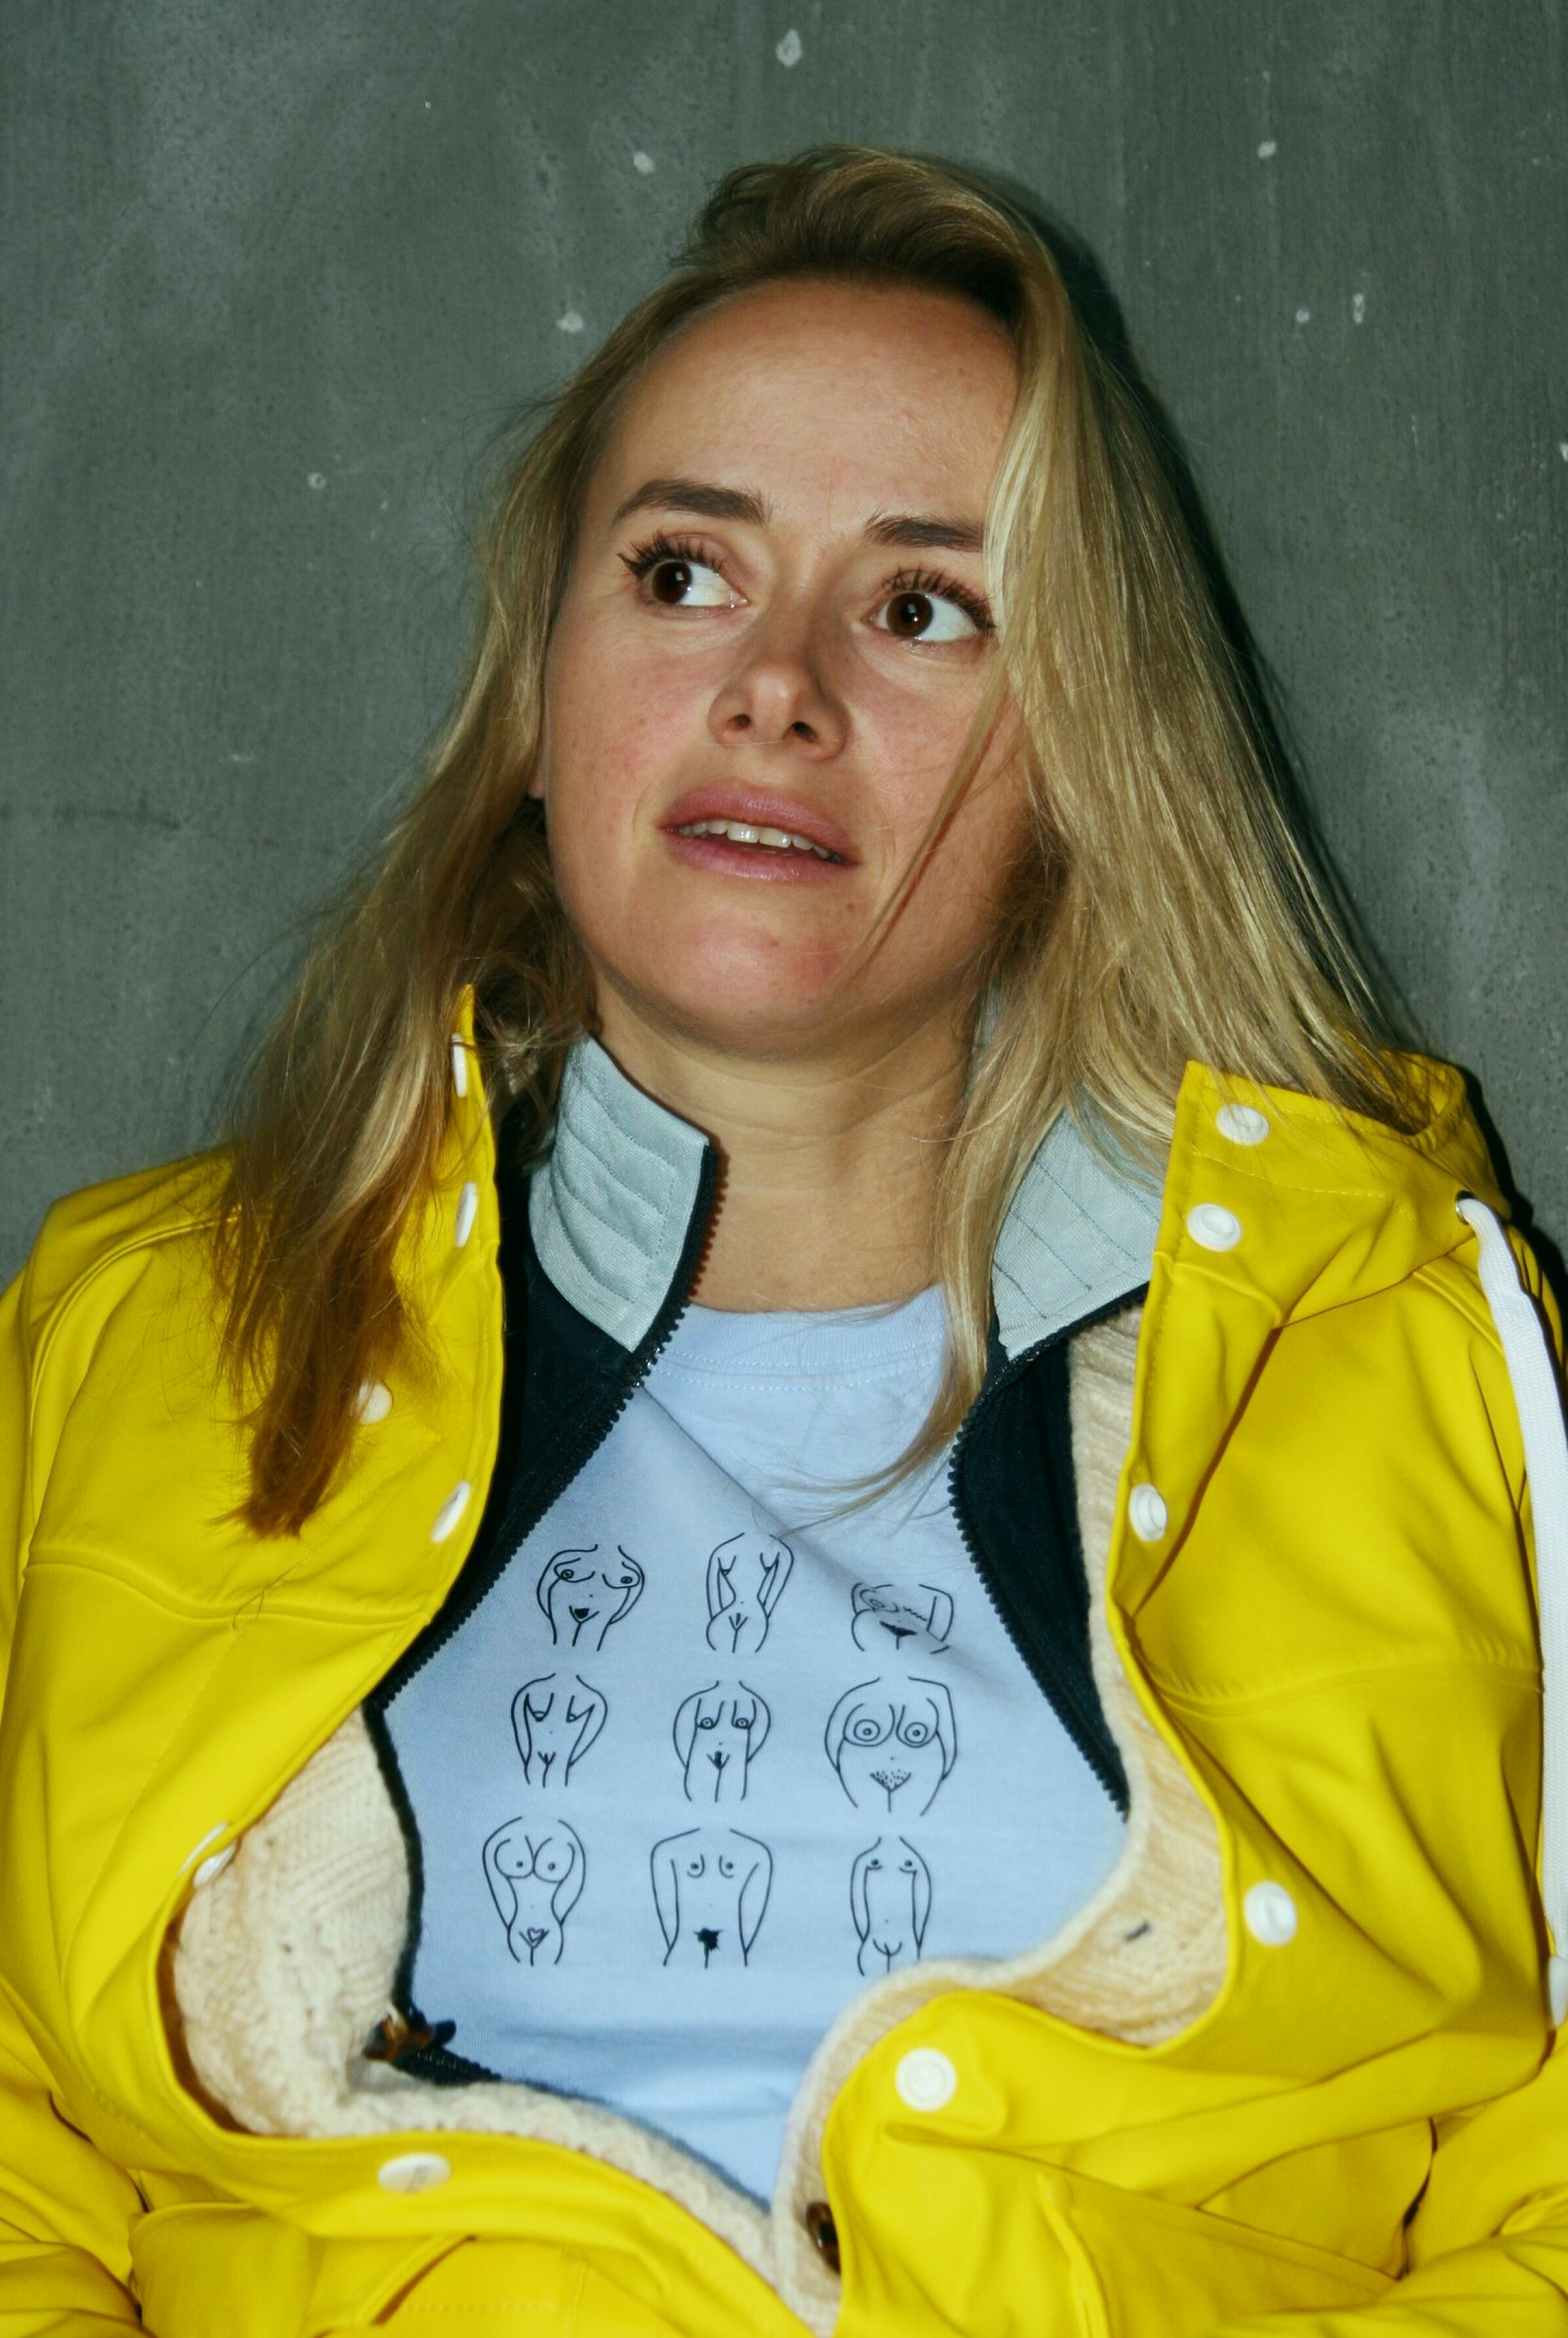 I våres hadde Tale Maria Krohn Engvik en egen tv-serie på TV2 under navnet «Helsesista». Siste og tiende episode har samme tittel som den nye boka; «Våg å være». Serien ble Gullrute- nominert i kategorien beste barne- eller ungdomsprogram.